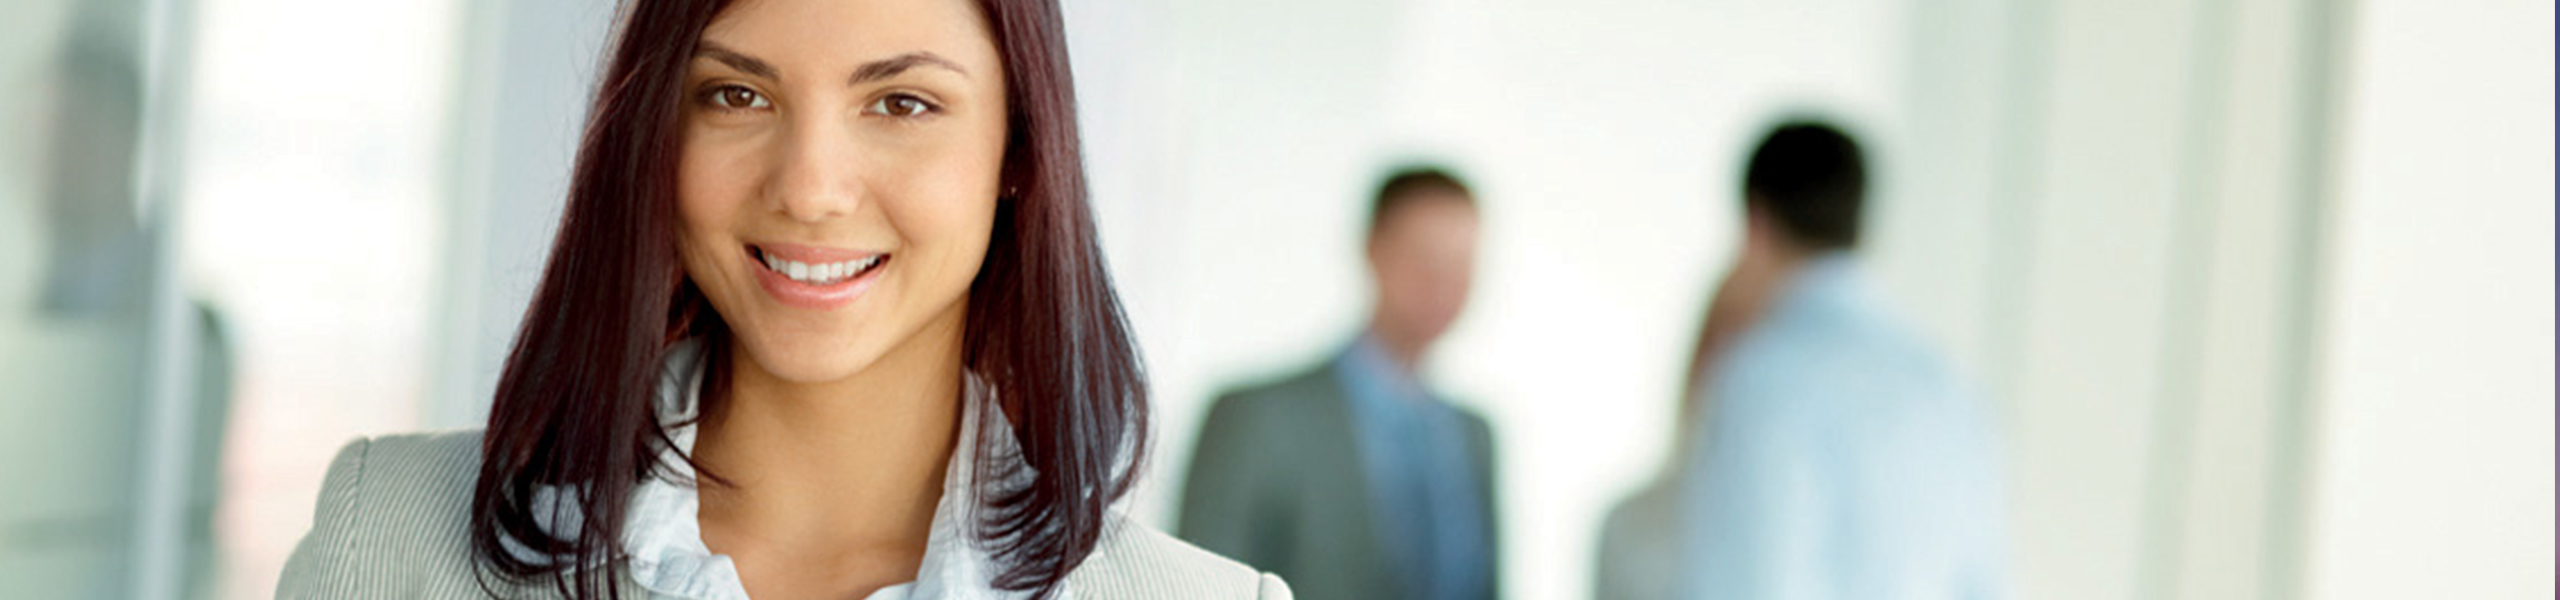 Controle e Gestão das entidades do Terceiro SetorMaster of Business Administration (M.B.A.) - Lato Sensu